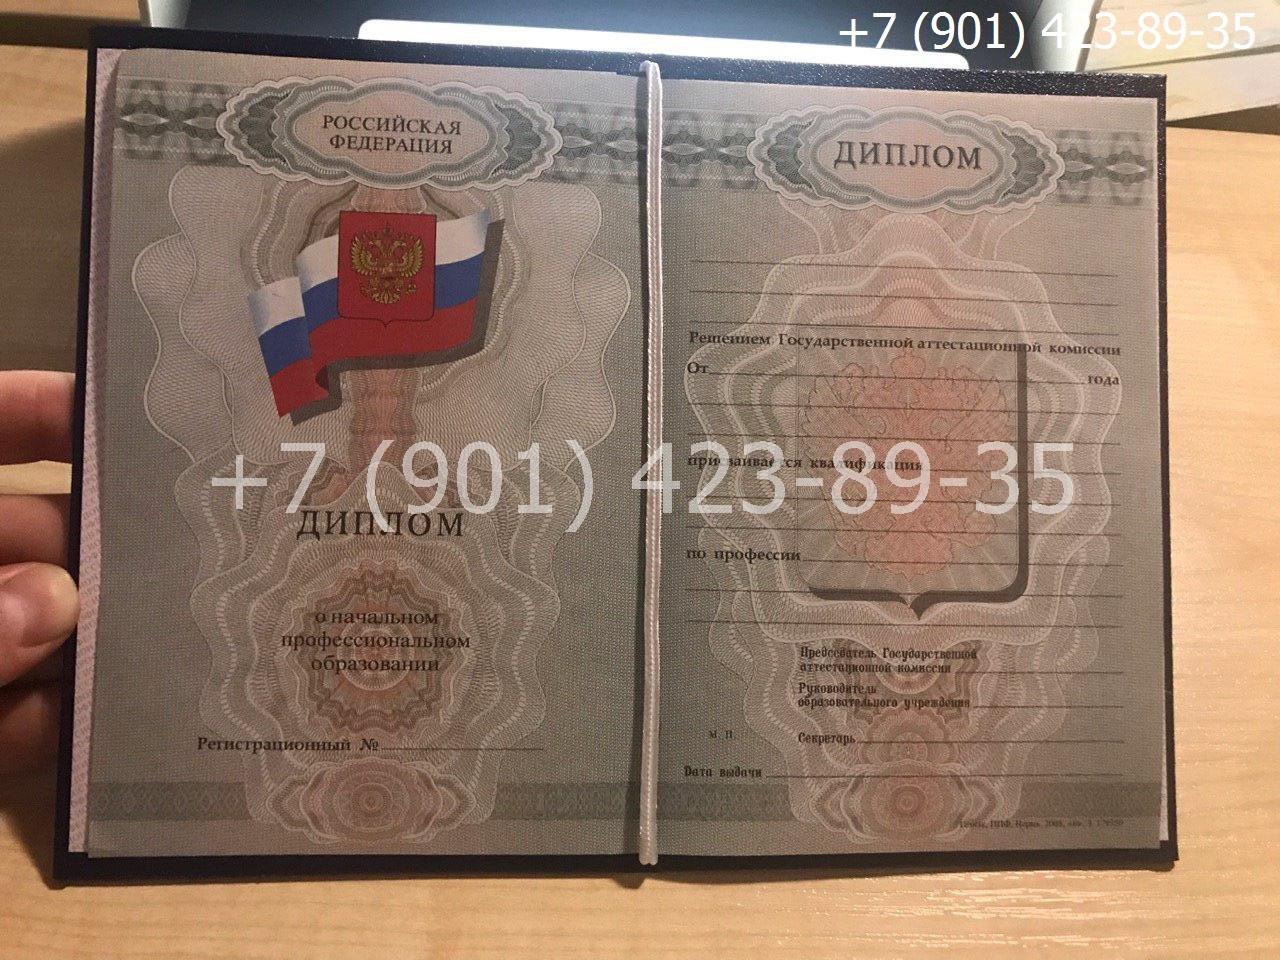 Диплом ПТУ 2008-2014 годов, нового образца, титульный лист